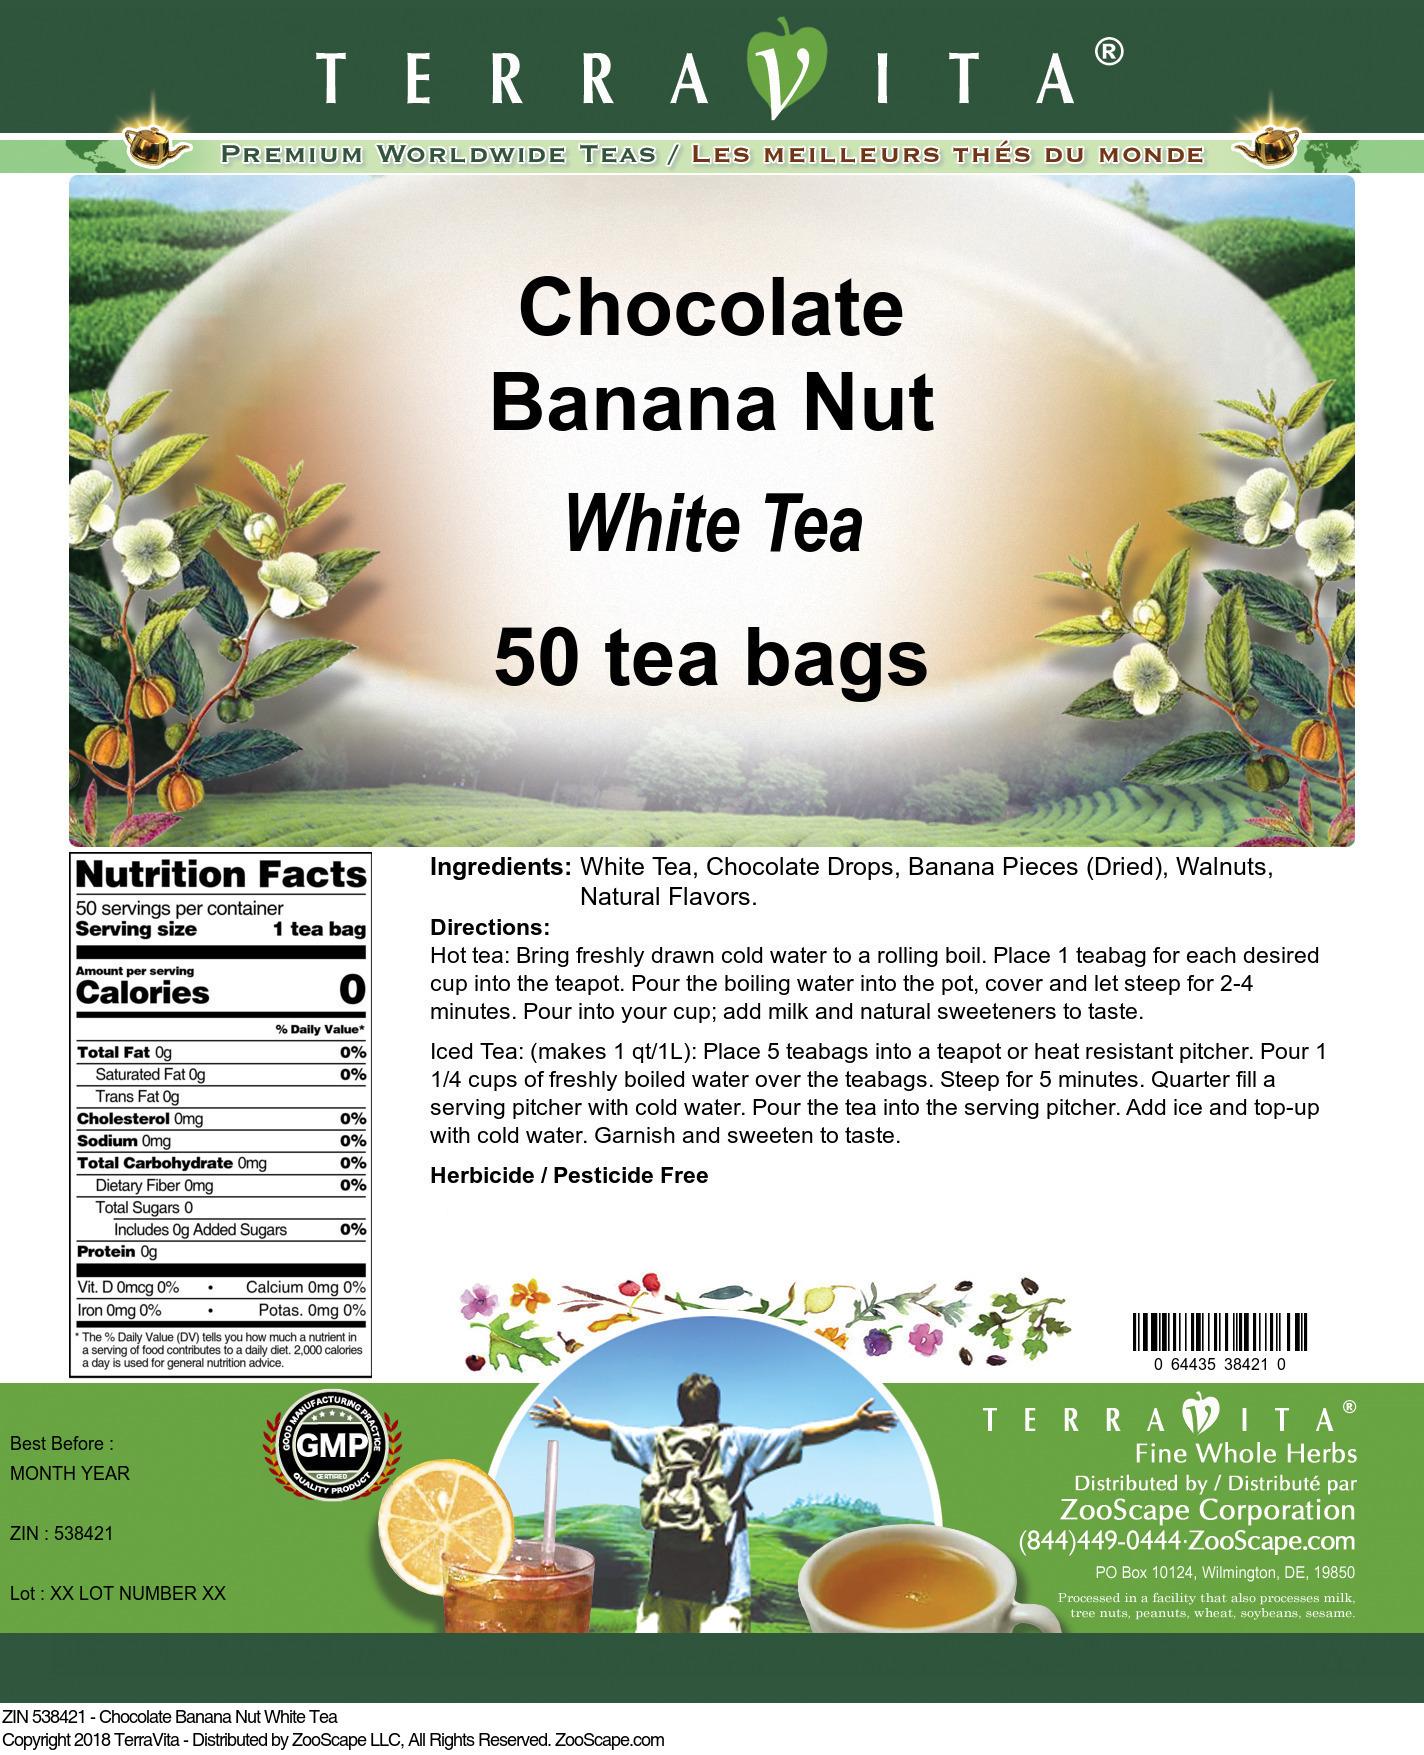 Chocolate Banana Nut White Tea